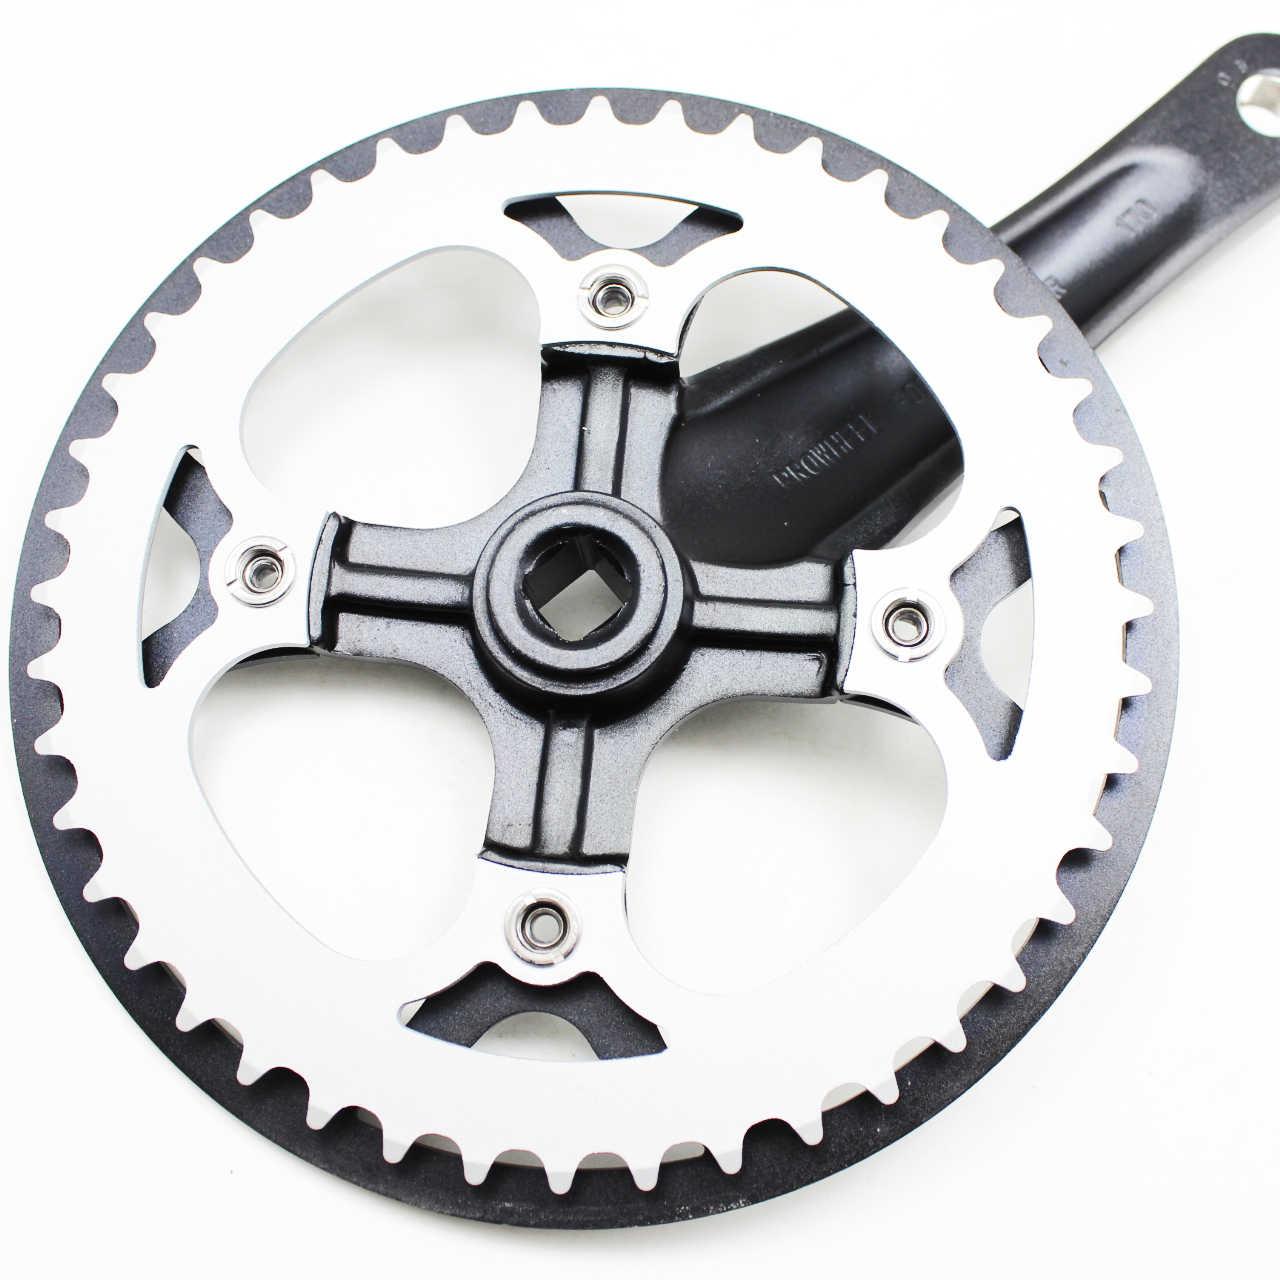 도로 자전거 Crankset 44T 170mm 자전거 Crankset 접는 자전거 자전거 부품에 대 한 단일 속도 알루미늄 합금 크랭크